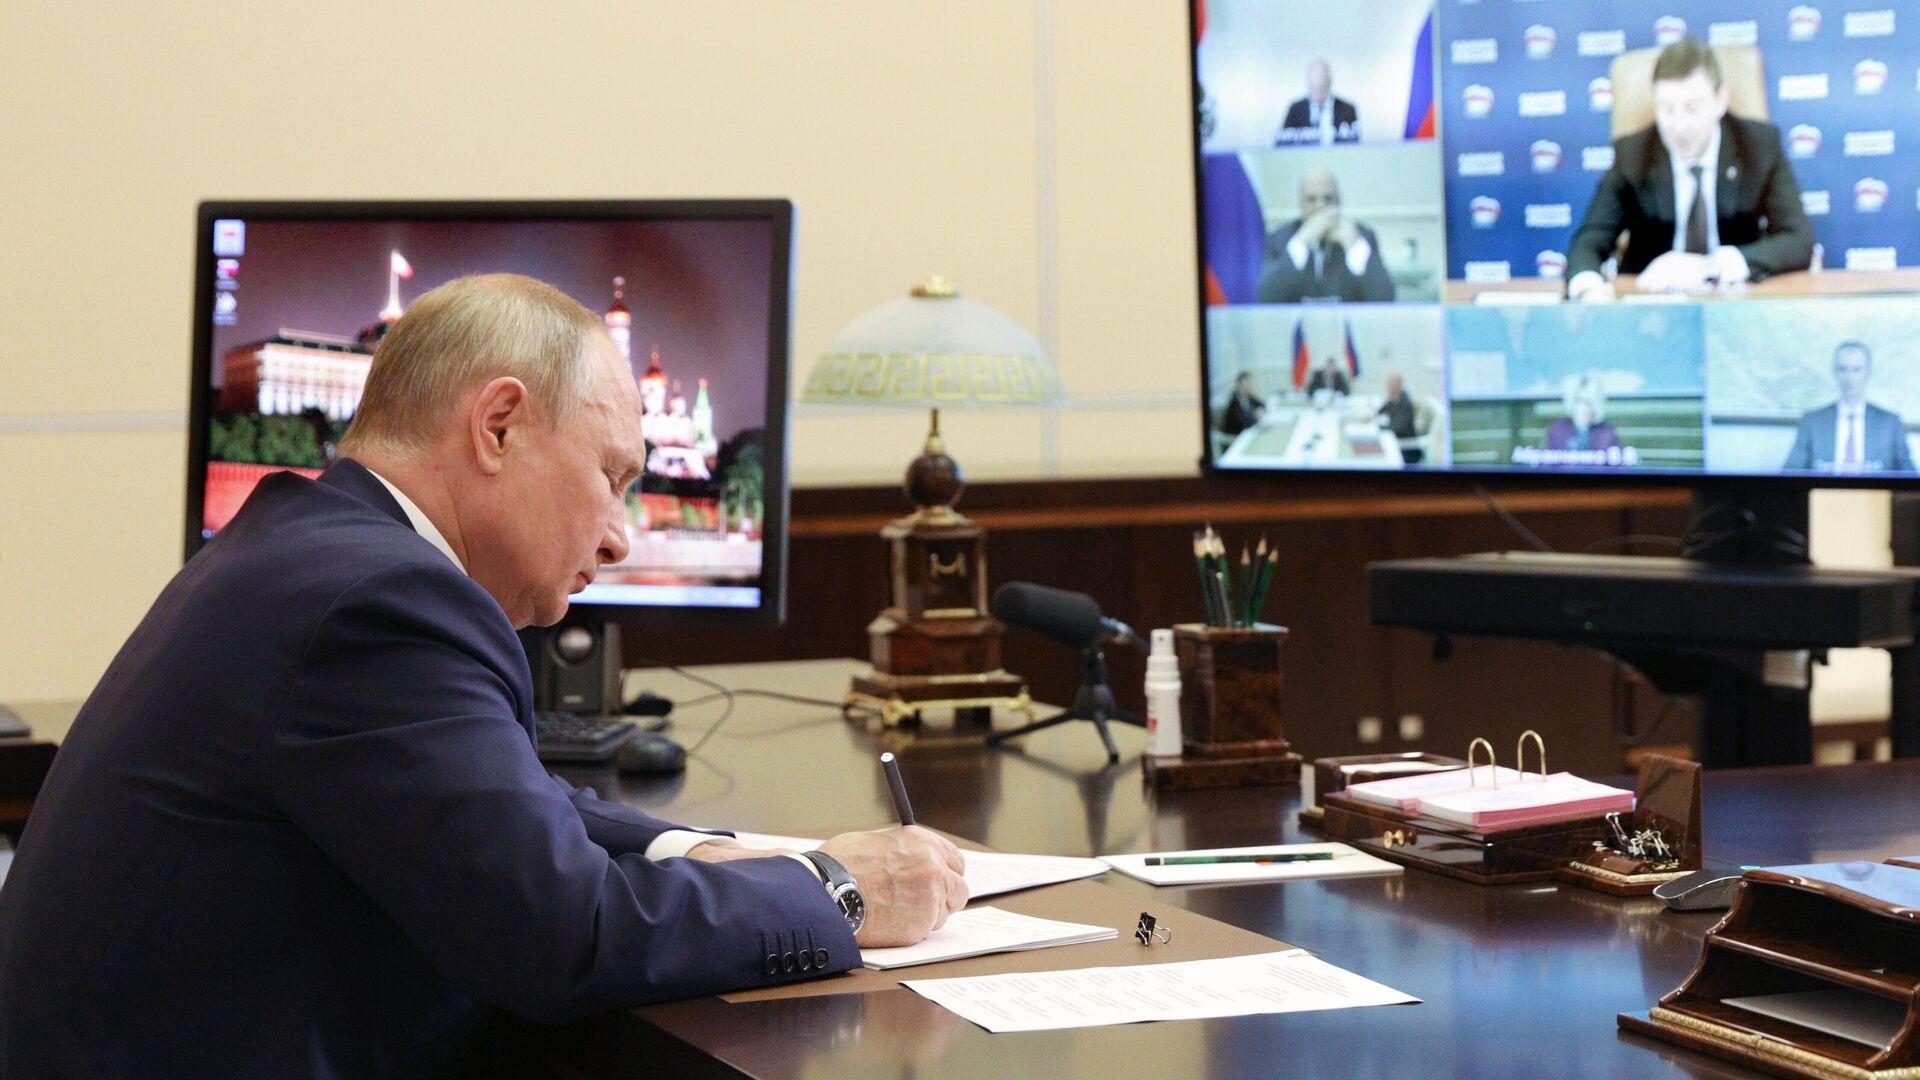 Президент РФ В. Путин провел совещание по реализации отдельных положений его послания Федеральному собранию - РИА Новости, 1920, 19.05.2021